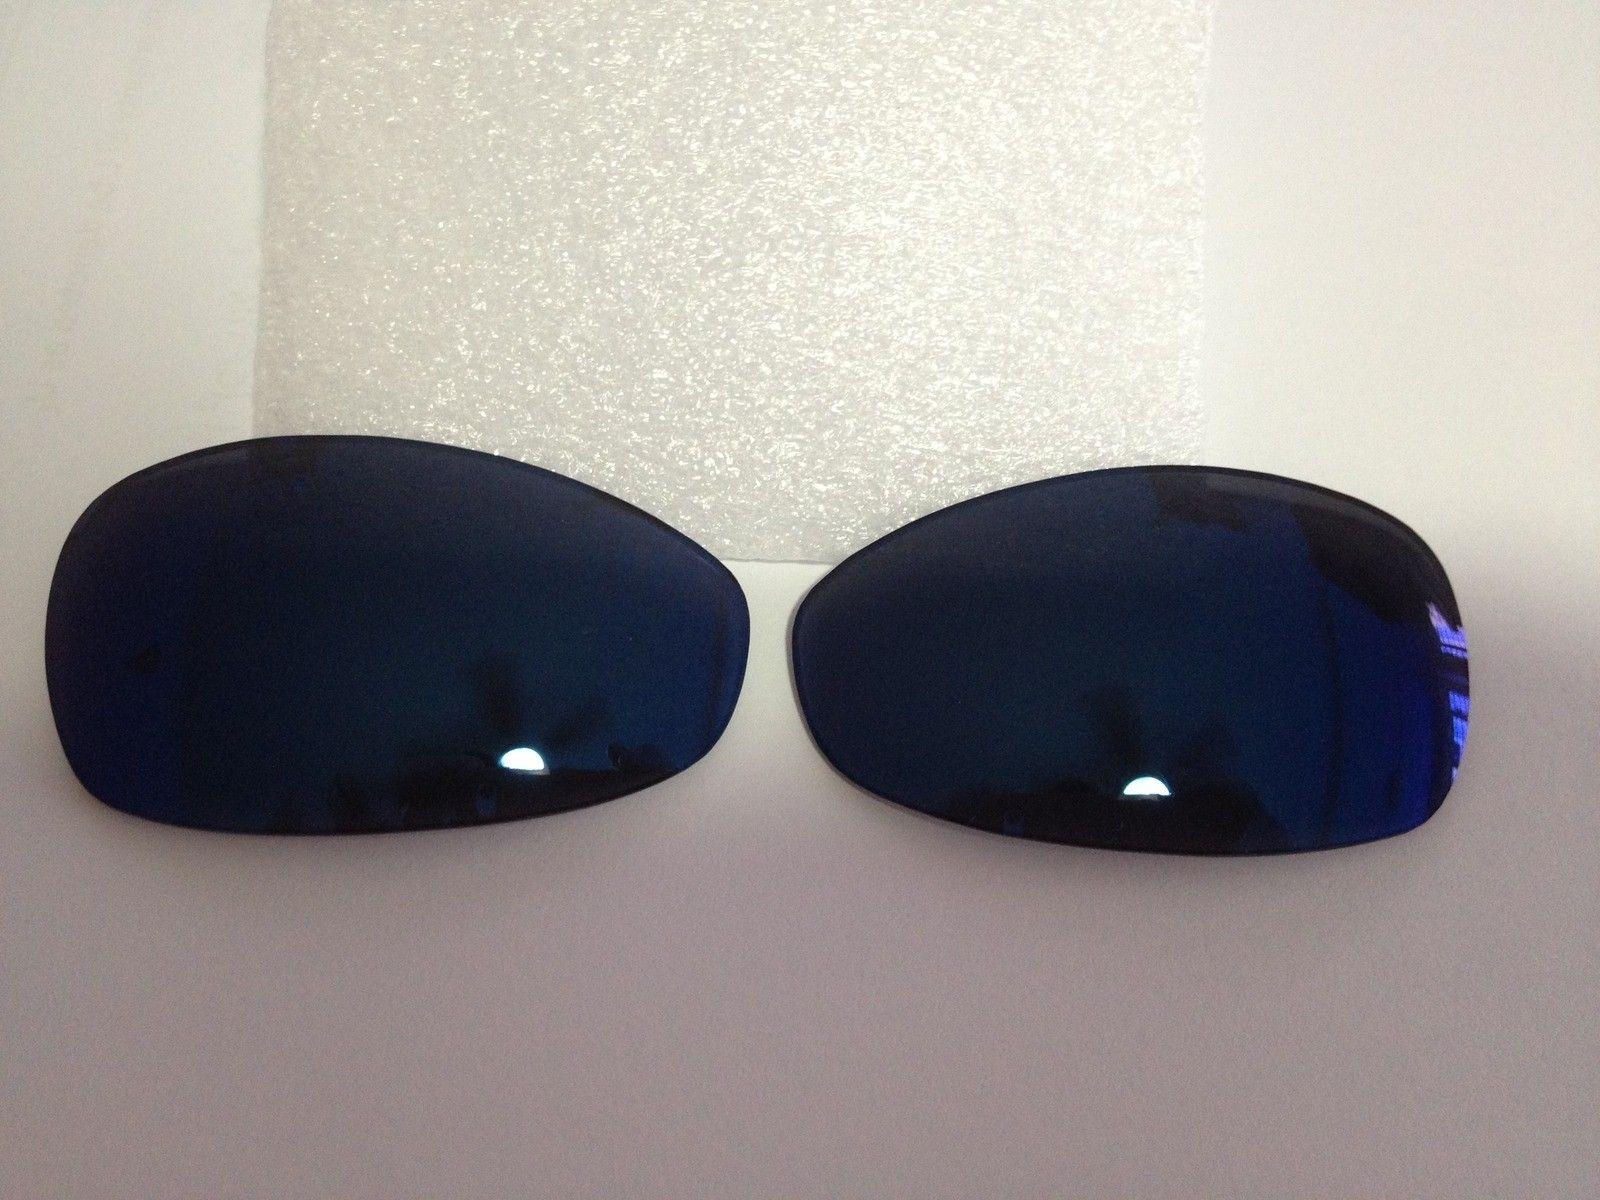 WTT: Juliet Ice Lenses For Juliet Emerald Lenses - photo2wus.jpg